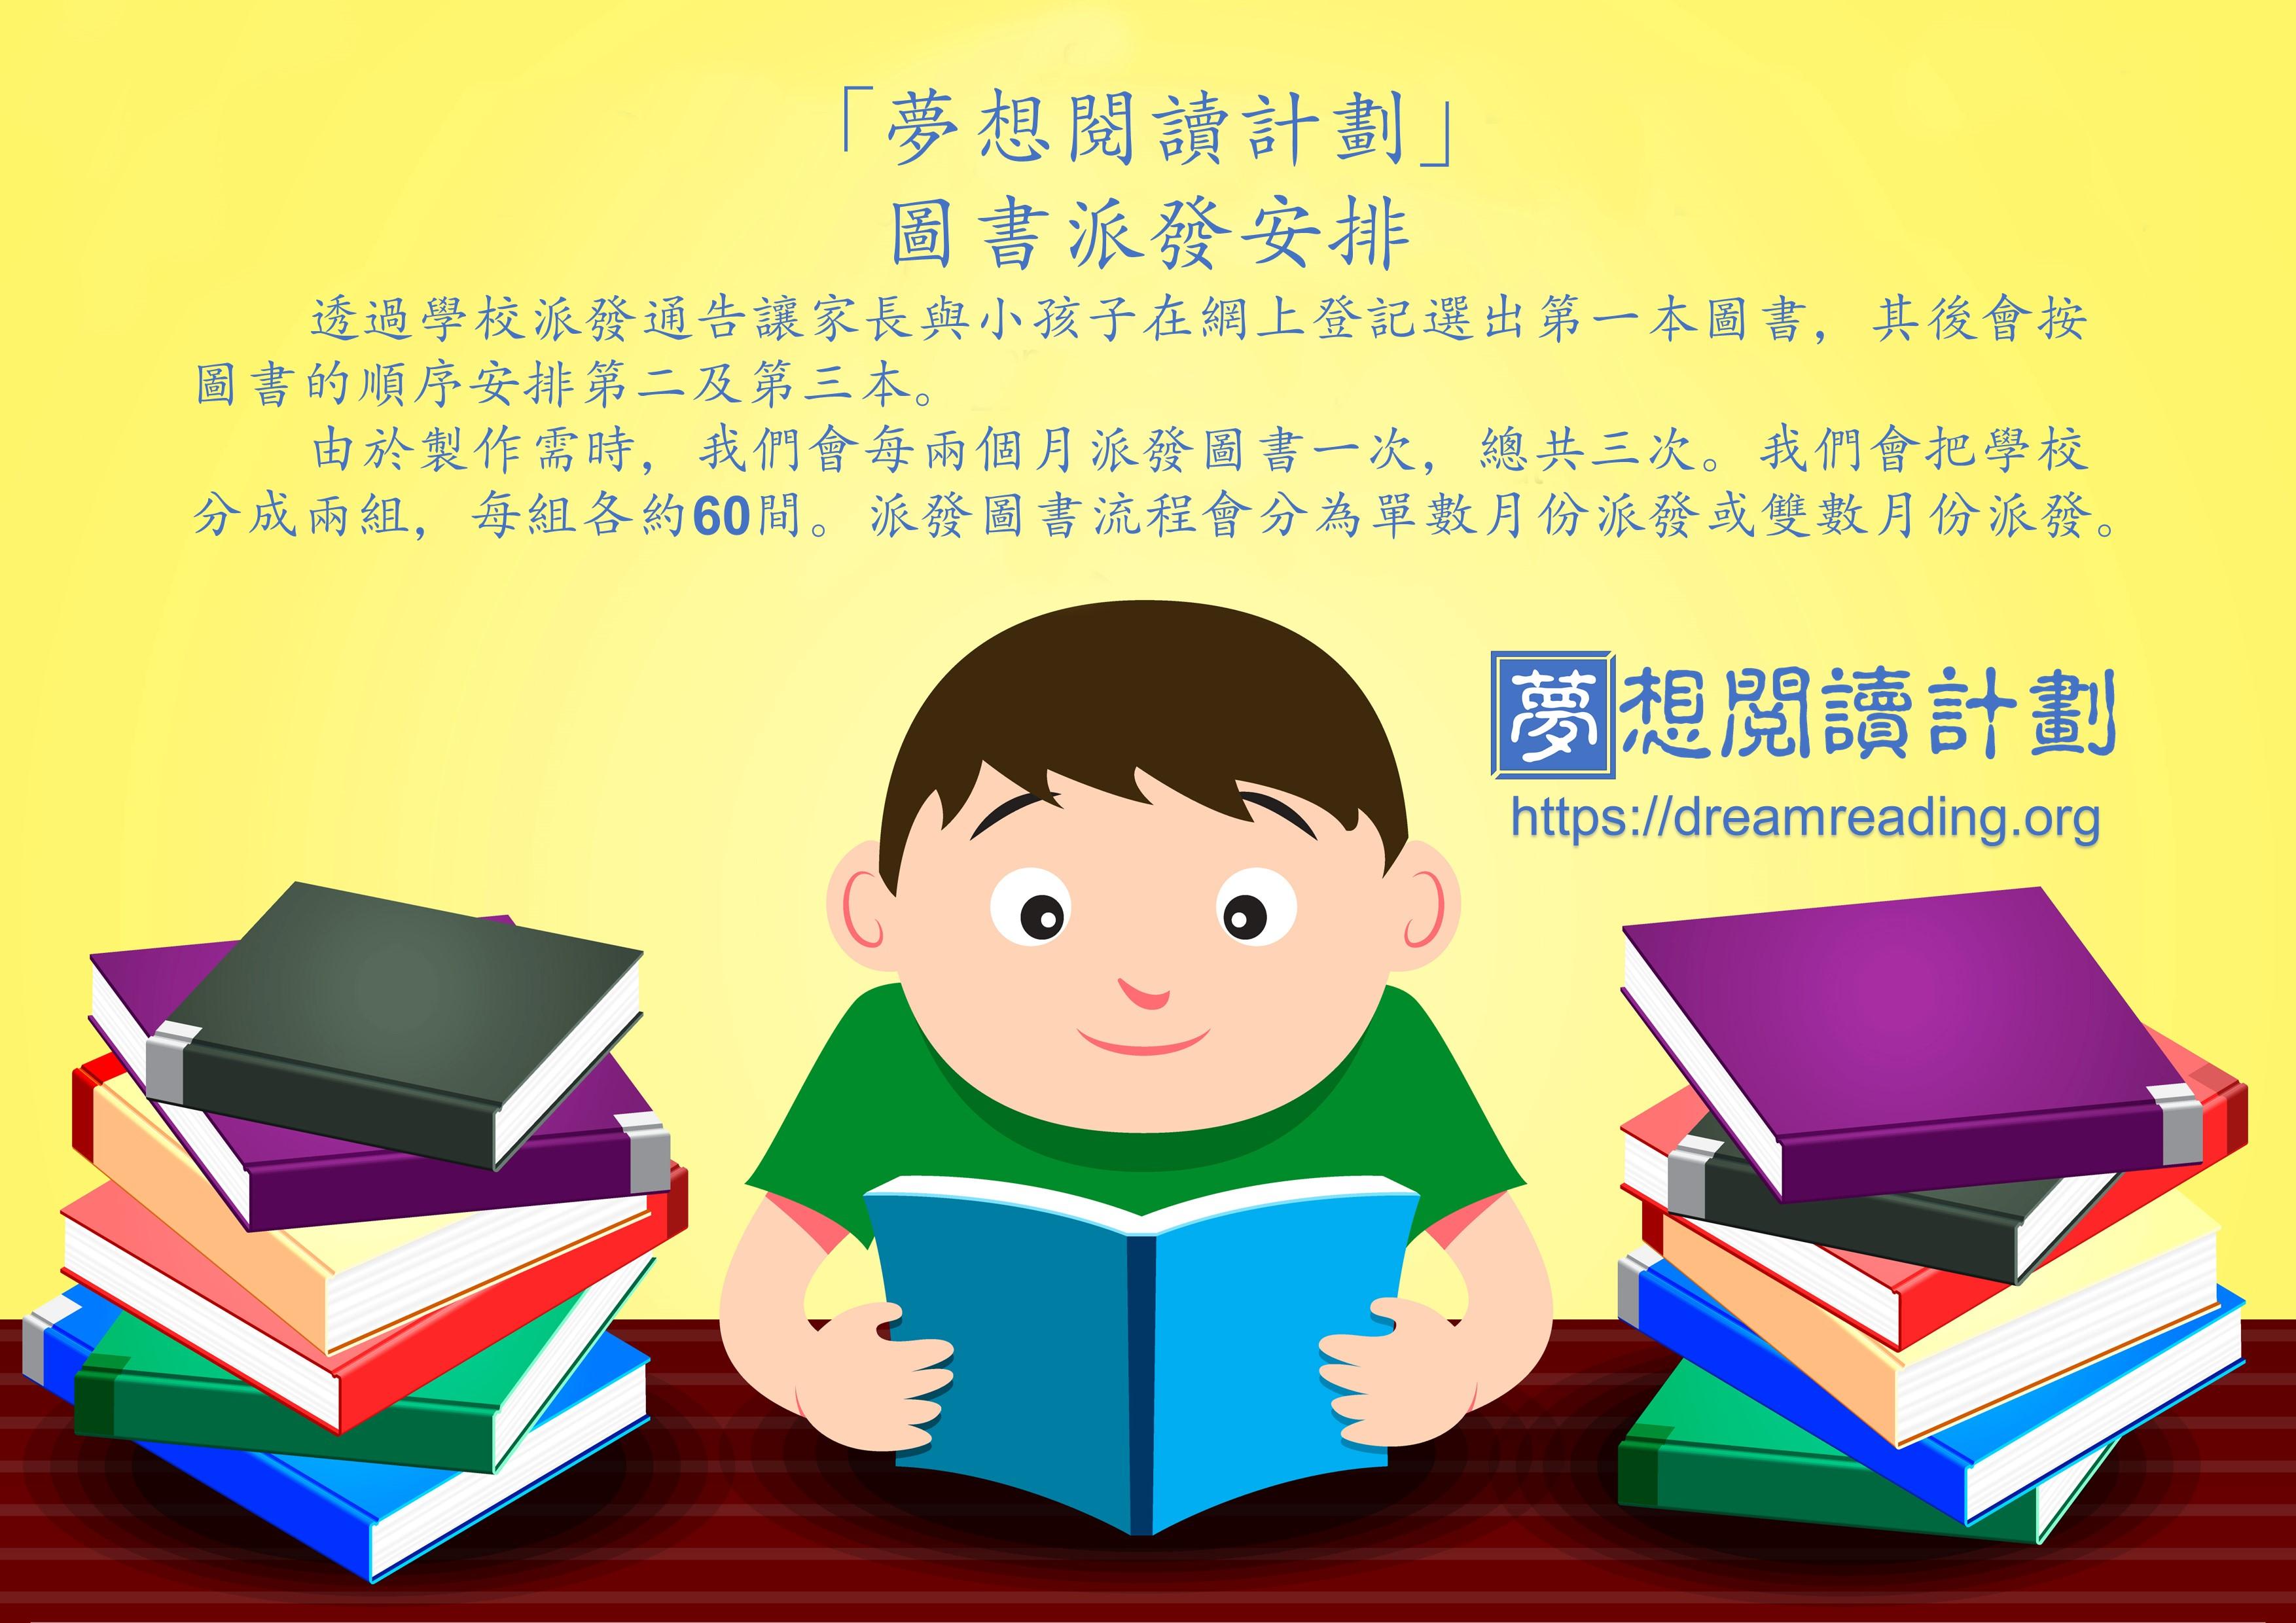 「夢想閱讀計劃」圖書派發安排